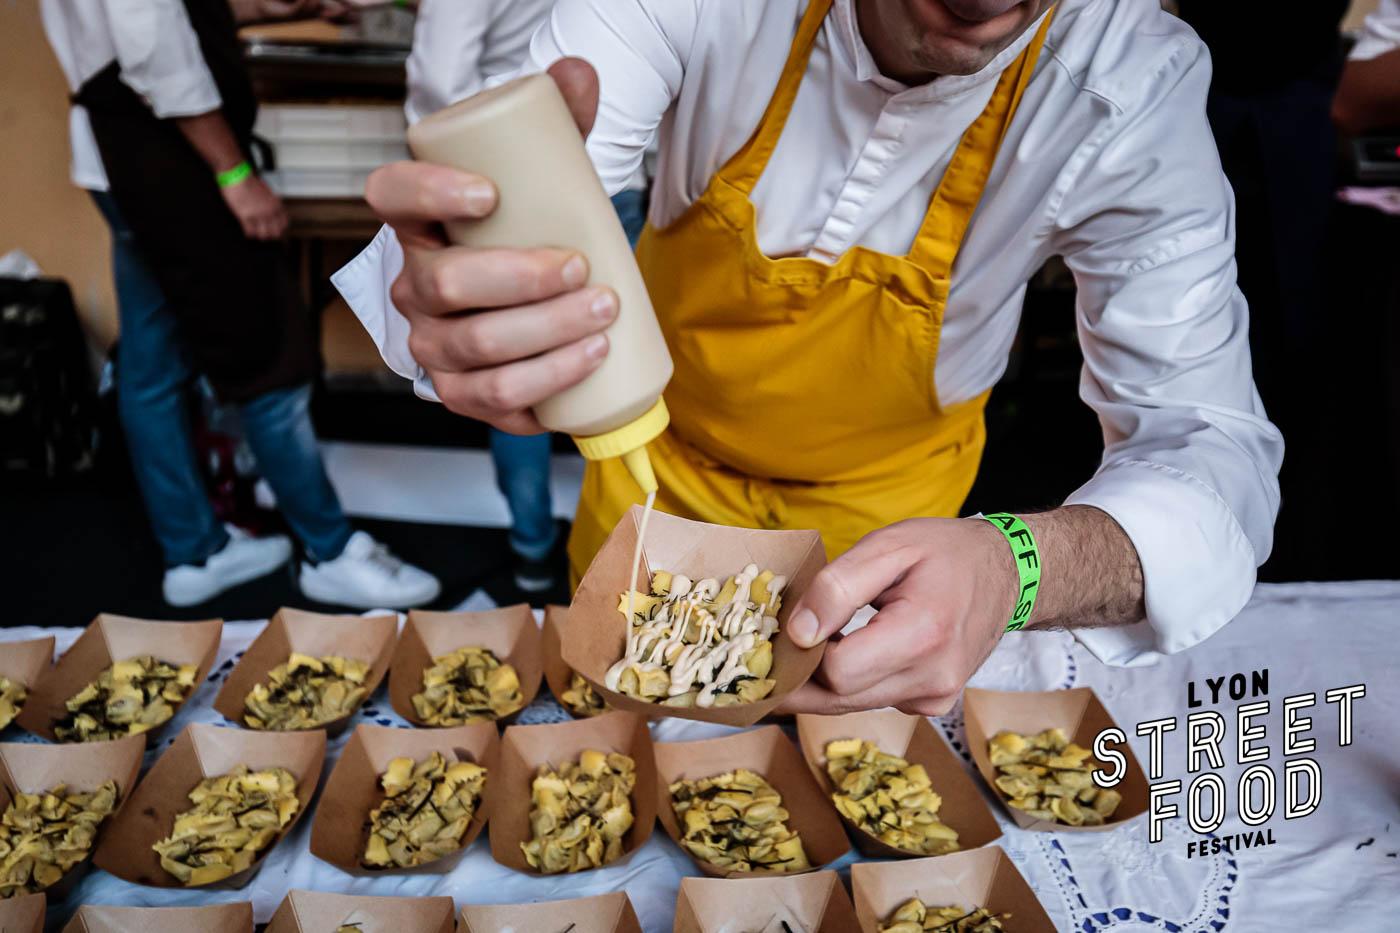 Lyon Street Food Festival, « un pied de nez à la vision classique de la gastronomie lyonnaise »